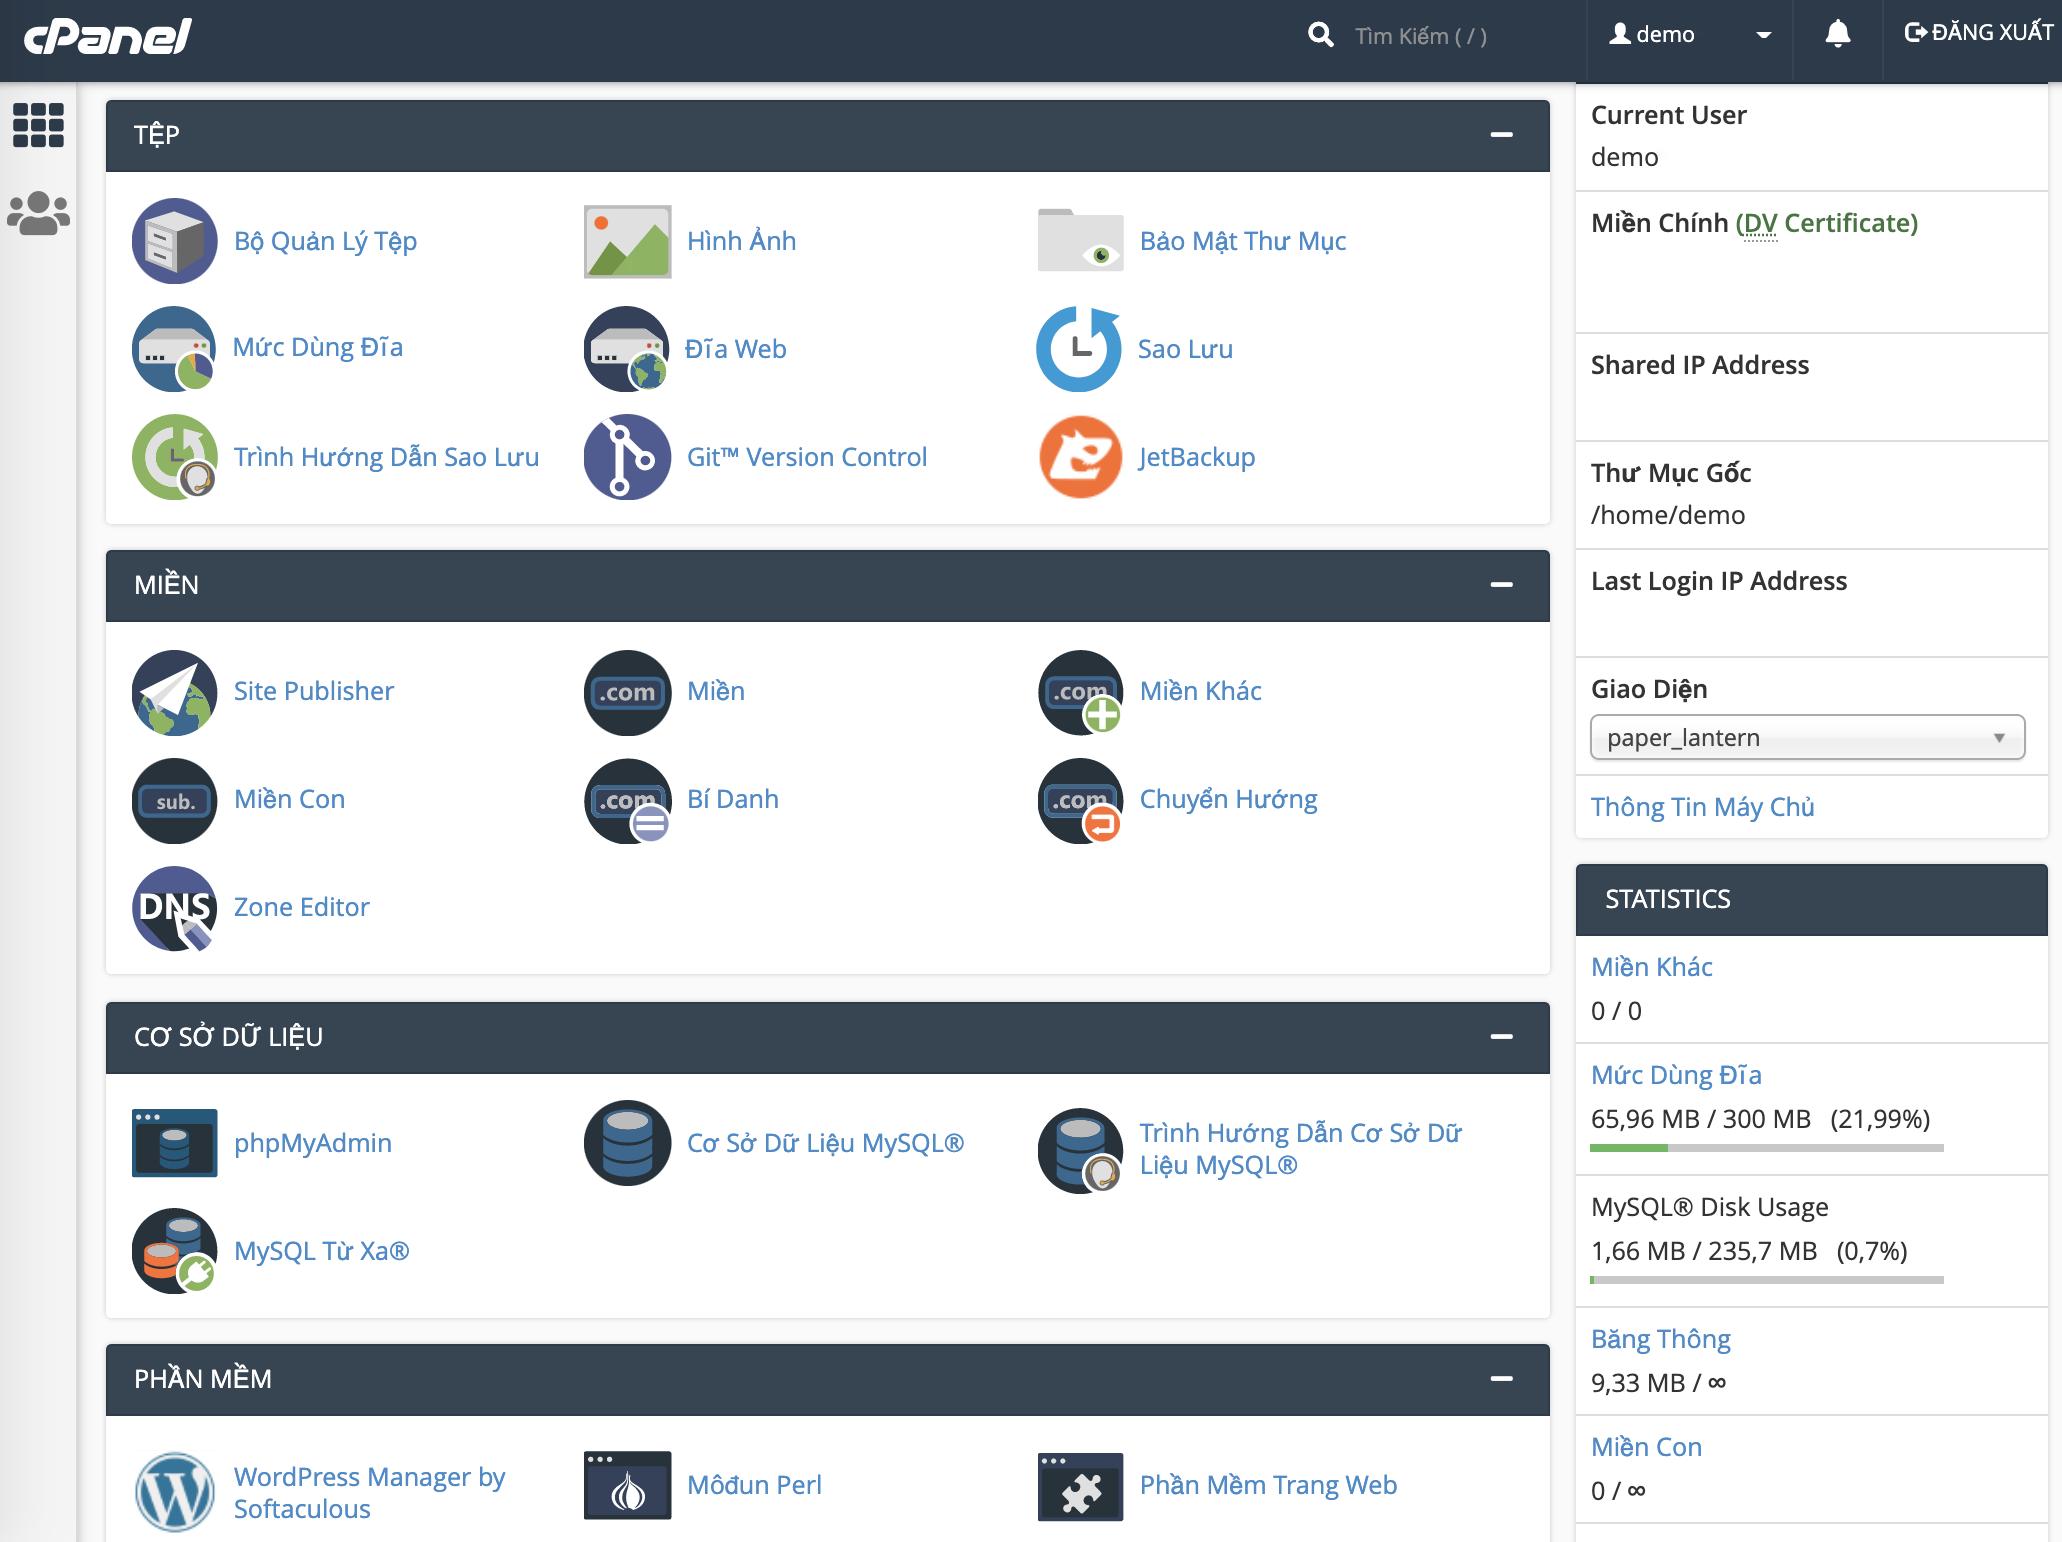 Giao diện công cụ quản lý hosting của gói Hosting miễn phí.